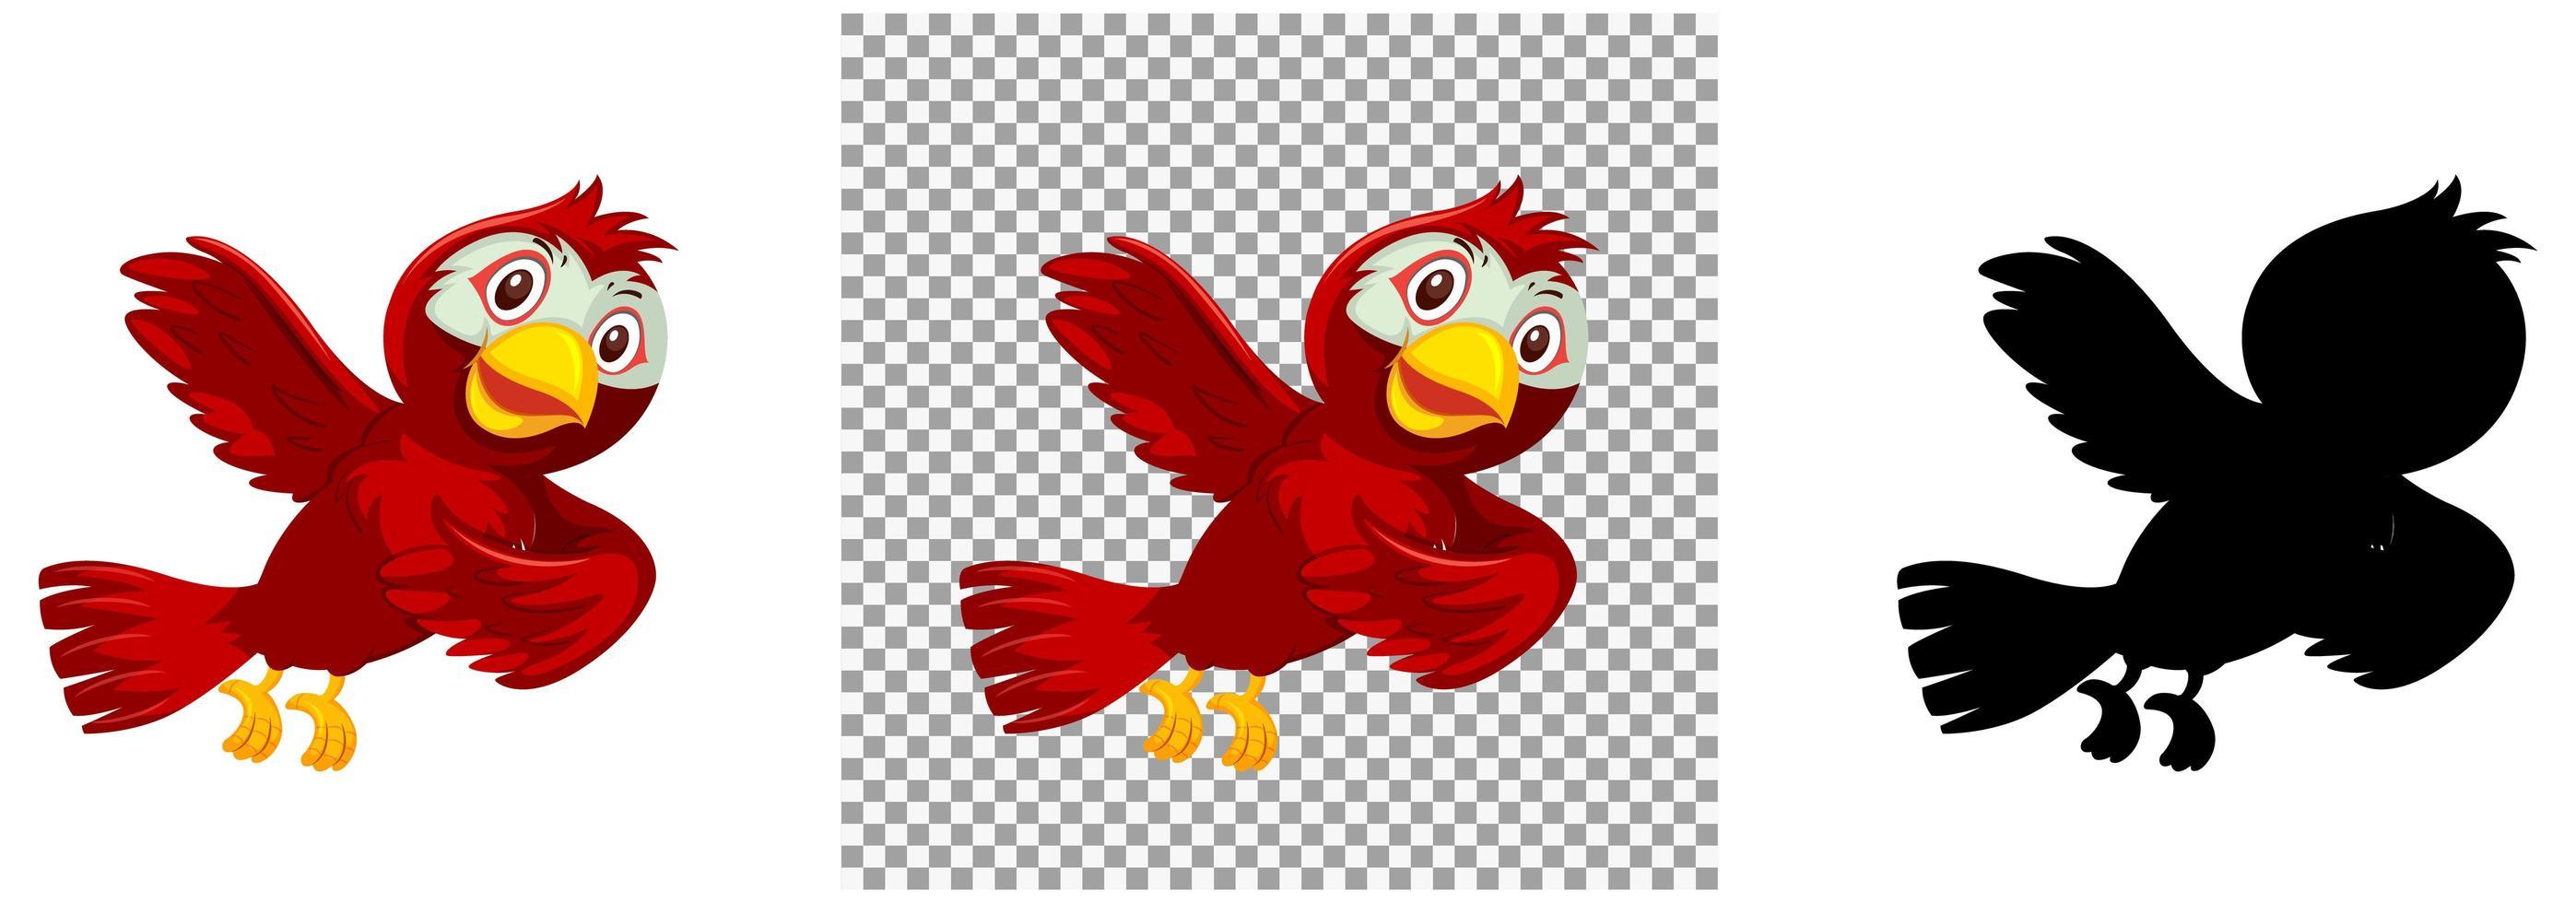 personnage de dessin animé mignon oiseau rouge vecteur